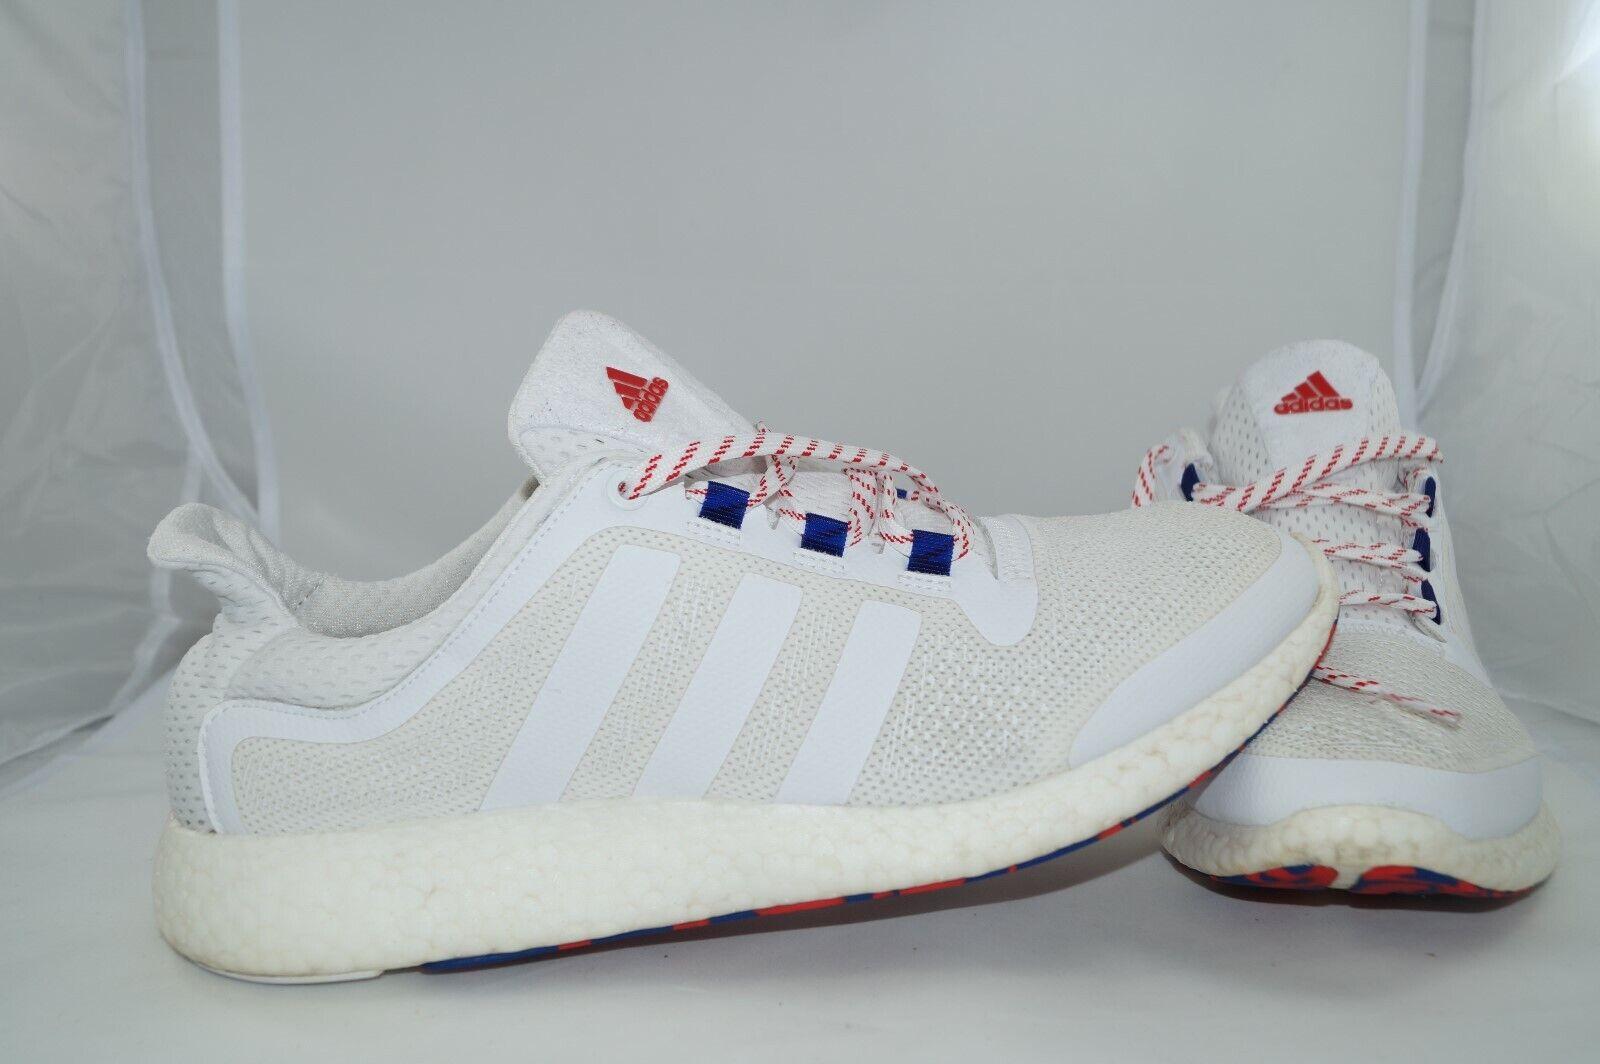 2 12 Us 46 Boost 3 Weiß Adidas Pure 2 S81737 0 Sportschuhe gyYb6f7v